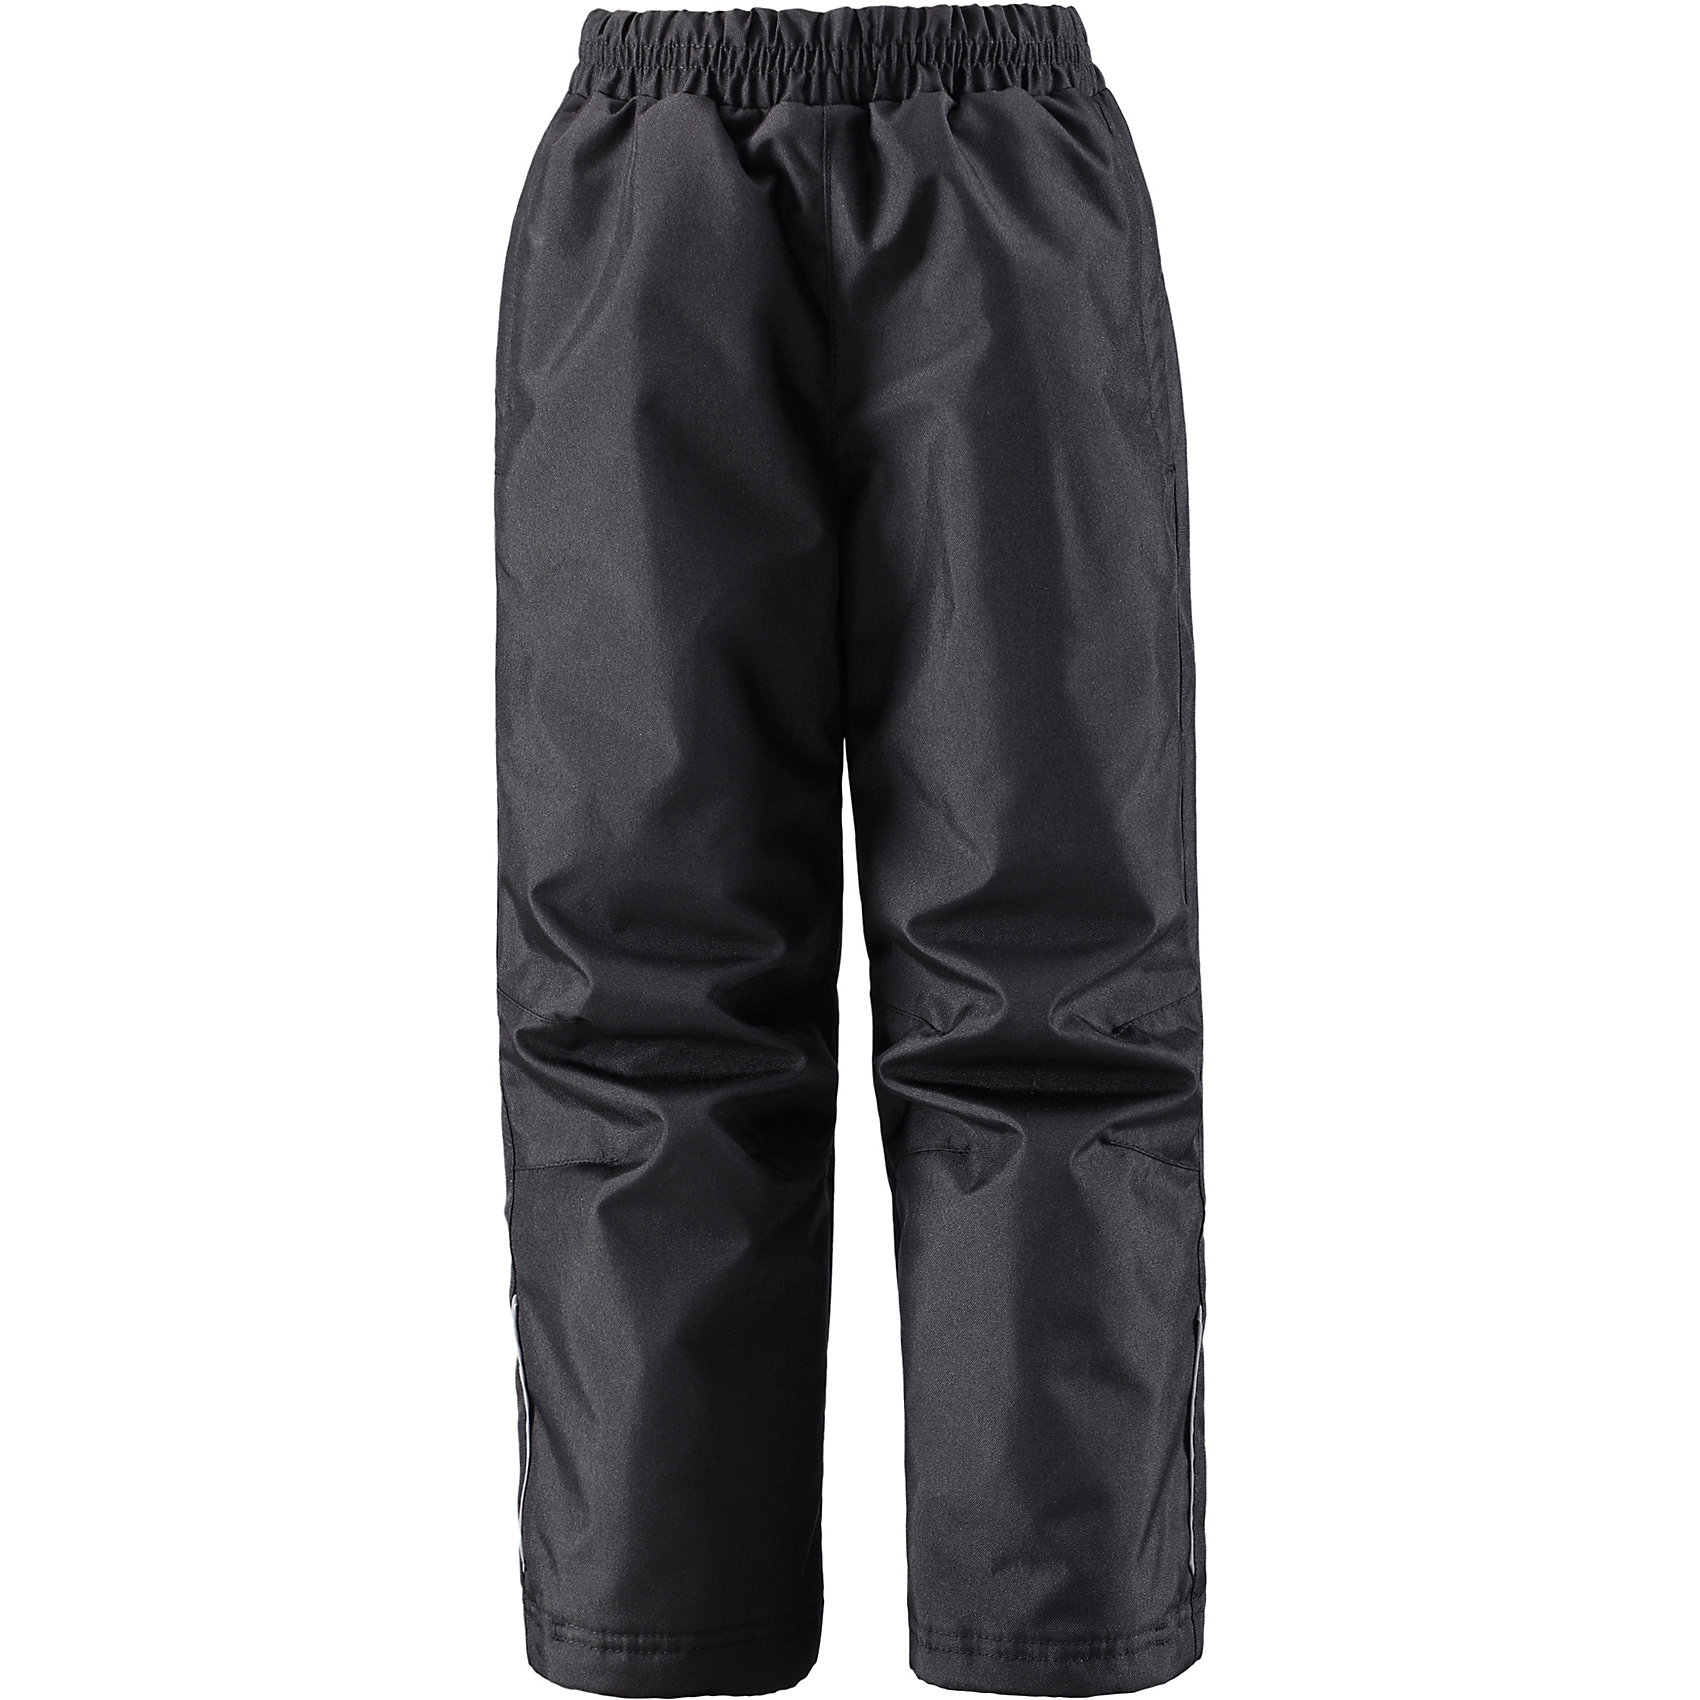 Брюки для мальчика LASSIE by ReimaЗимние брюки для детей известной финской марки. <br><br>- Прочный материал. <br>- Водоотталкивающий, ветронепроницаемый, «дышащий» и грязеотталкивающий материал.<br>-  Задний серединный шов проклеен. свободный крой.<br>- Гладкая подкладка из полиэстра. <br>- Легкая степень утепления. <br>- Эластичный регулируемый обхват талии. <br>- Регулируемые брючины. Карманы в боковых швах.  <br><br>Рекомендации по уходу: Стирать по отдельности, вывернув наизнанку. Застегнуть молнии и липучки. Соблюдать температуру в соответствии с руководством по уходу. Стирать моющим средством, не содержащим отбеливающие вещества. Полоскать без специального средства. Сушение в сушильном шкафу разрешено при  низкой температуре.<br><br>Состав: 100% Полиамид, полиуретановое покрытие.  Утеплитель «Lassie wadding» 80гр.<br><br>Ширина мм: 215<br>Глубина мм: 88<br>Высота мм: 191<br>Вес г: 336<br>Цвет: черный<br>Возраст от месяцев: 18<br>Возраст до месяцев: 24<br>Пол: Мужской<br>Возраст: Детский<br>Размер: 92,134,128,122,116,140,110,104,98<br>SKU: 4781866